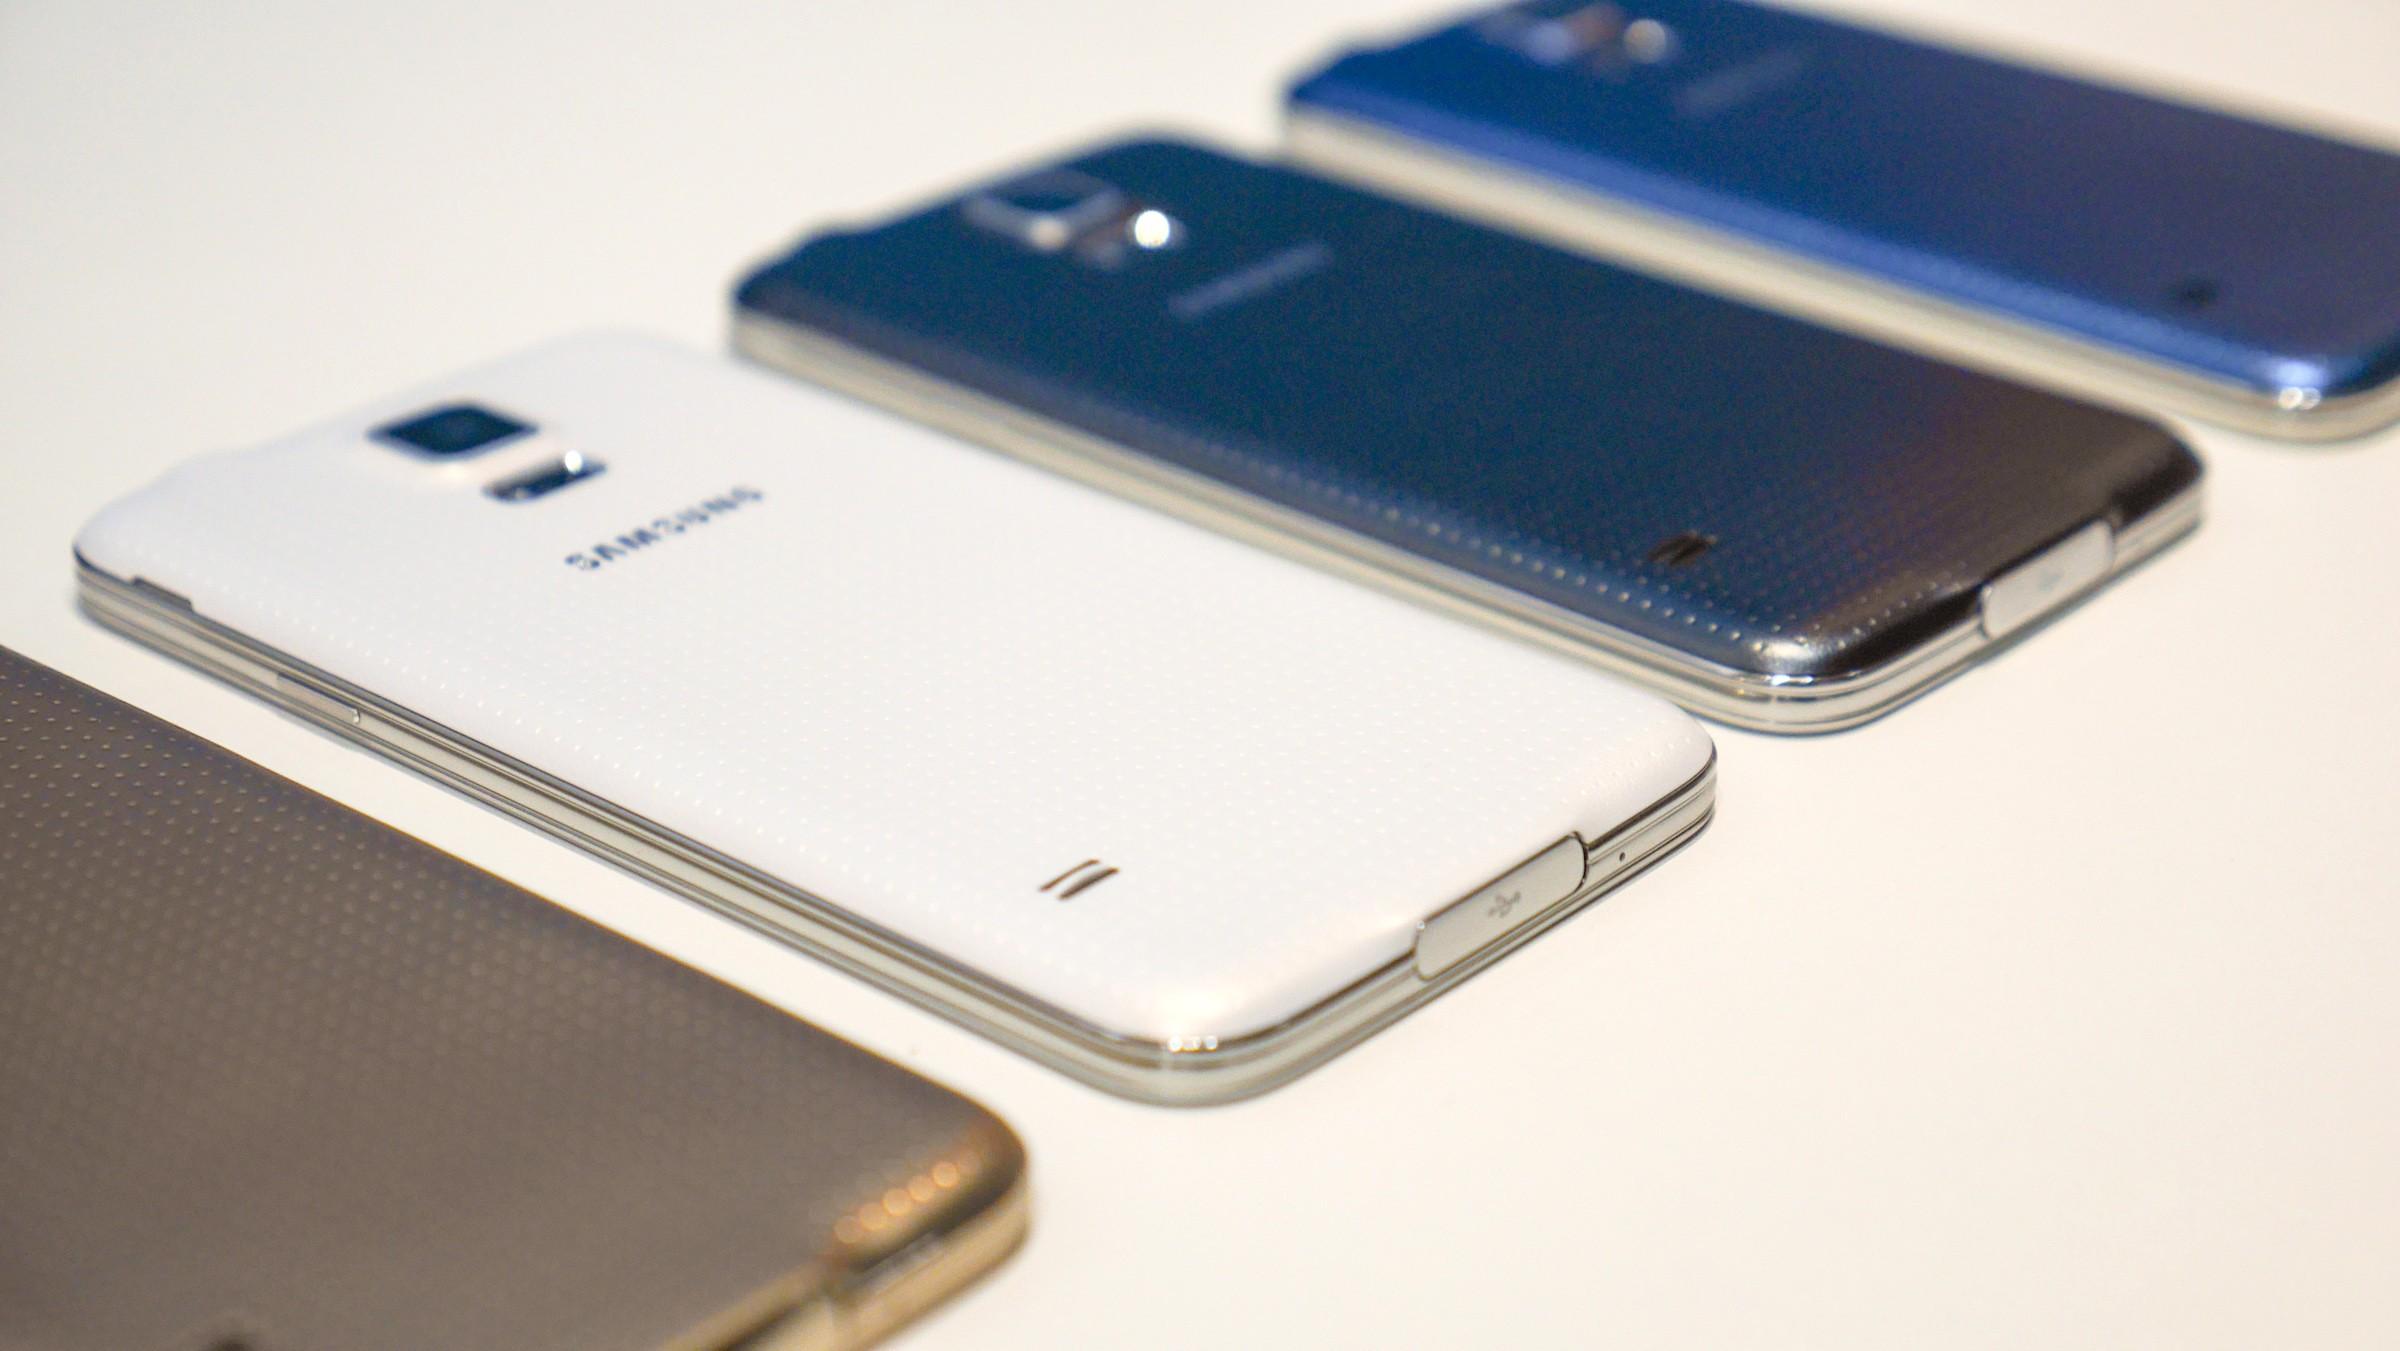 samsung series A - Samsung sẽ ra mắt dòng sản phẩm A vào đầu tháng 11